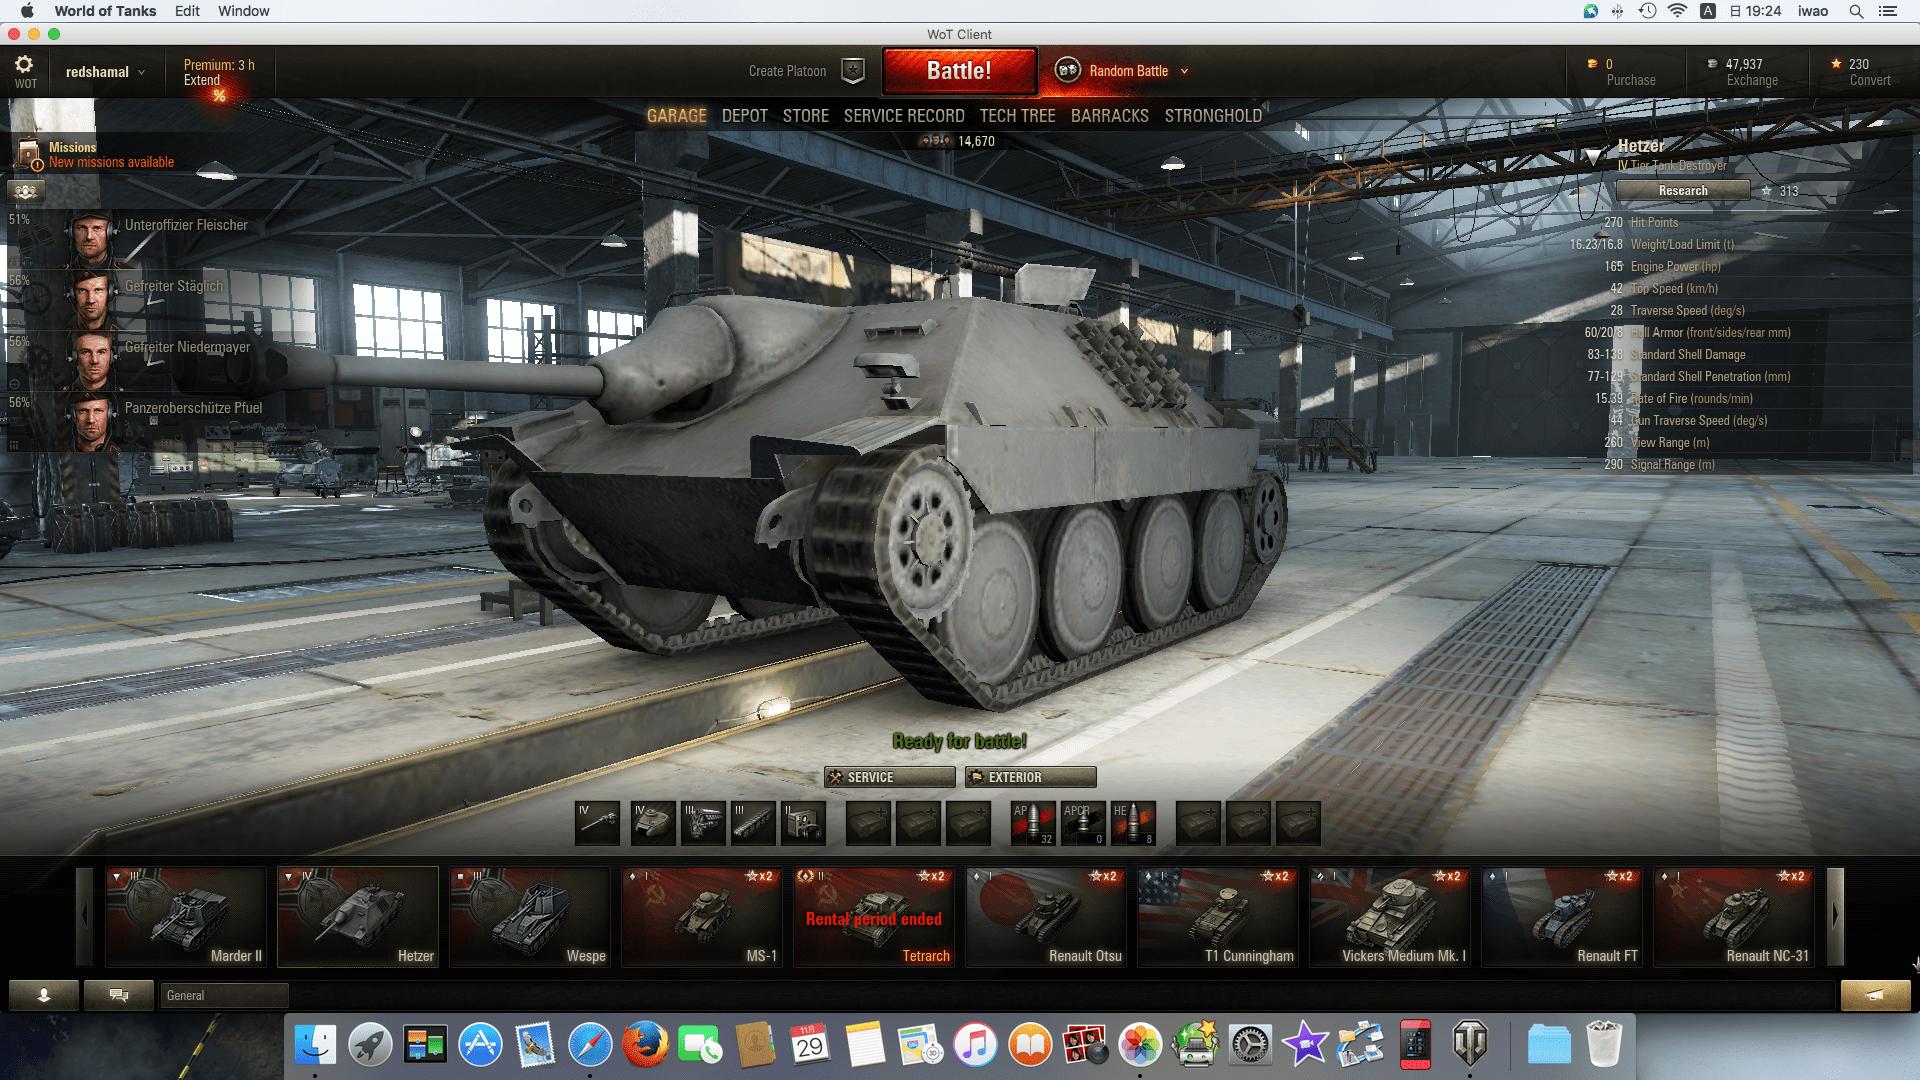 軽駆逐戦車ヘッツァーの画像 p1_16